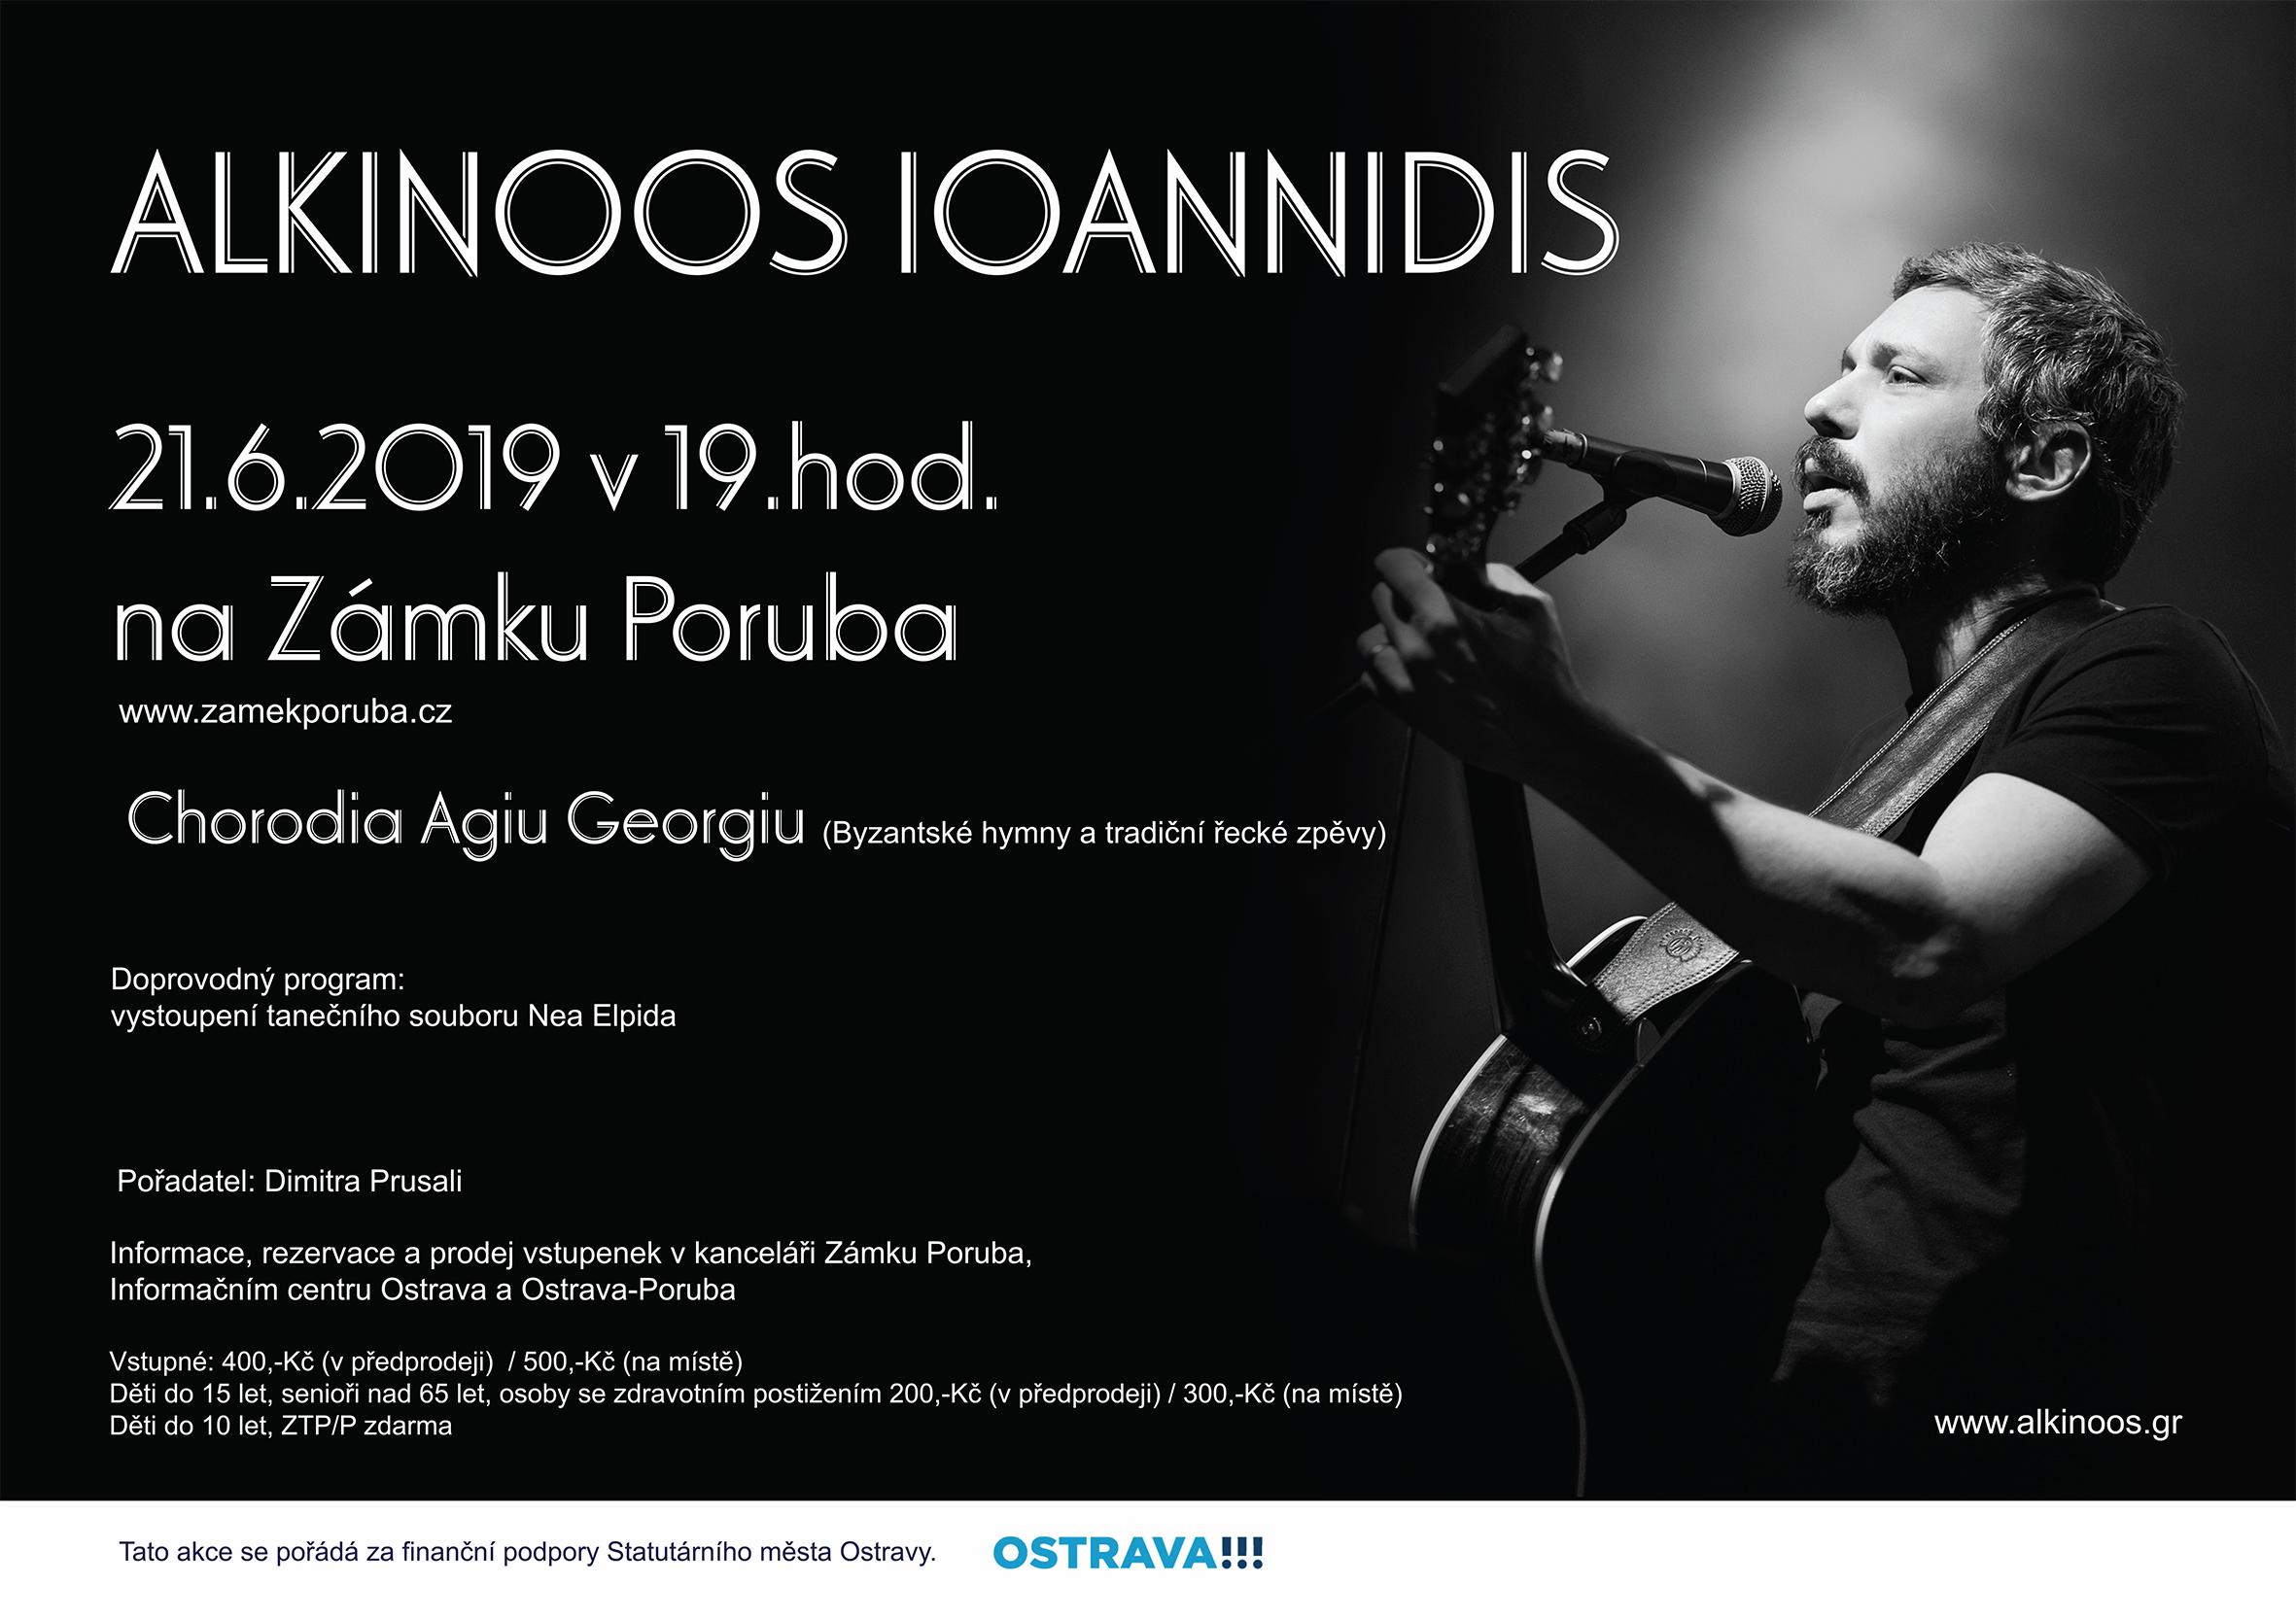 Alkinoos Ioannidis 21.6.2019 v 19:00 hod.